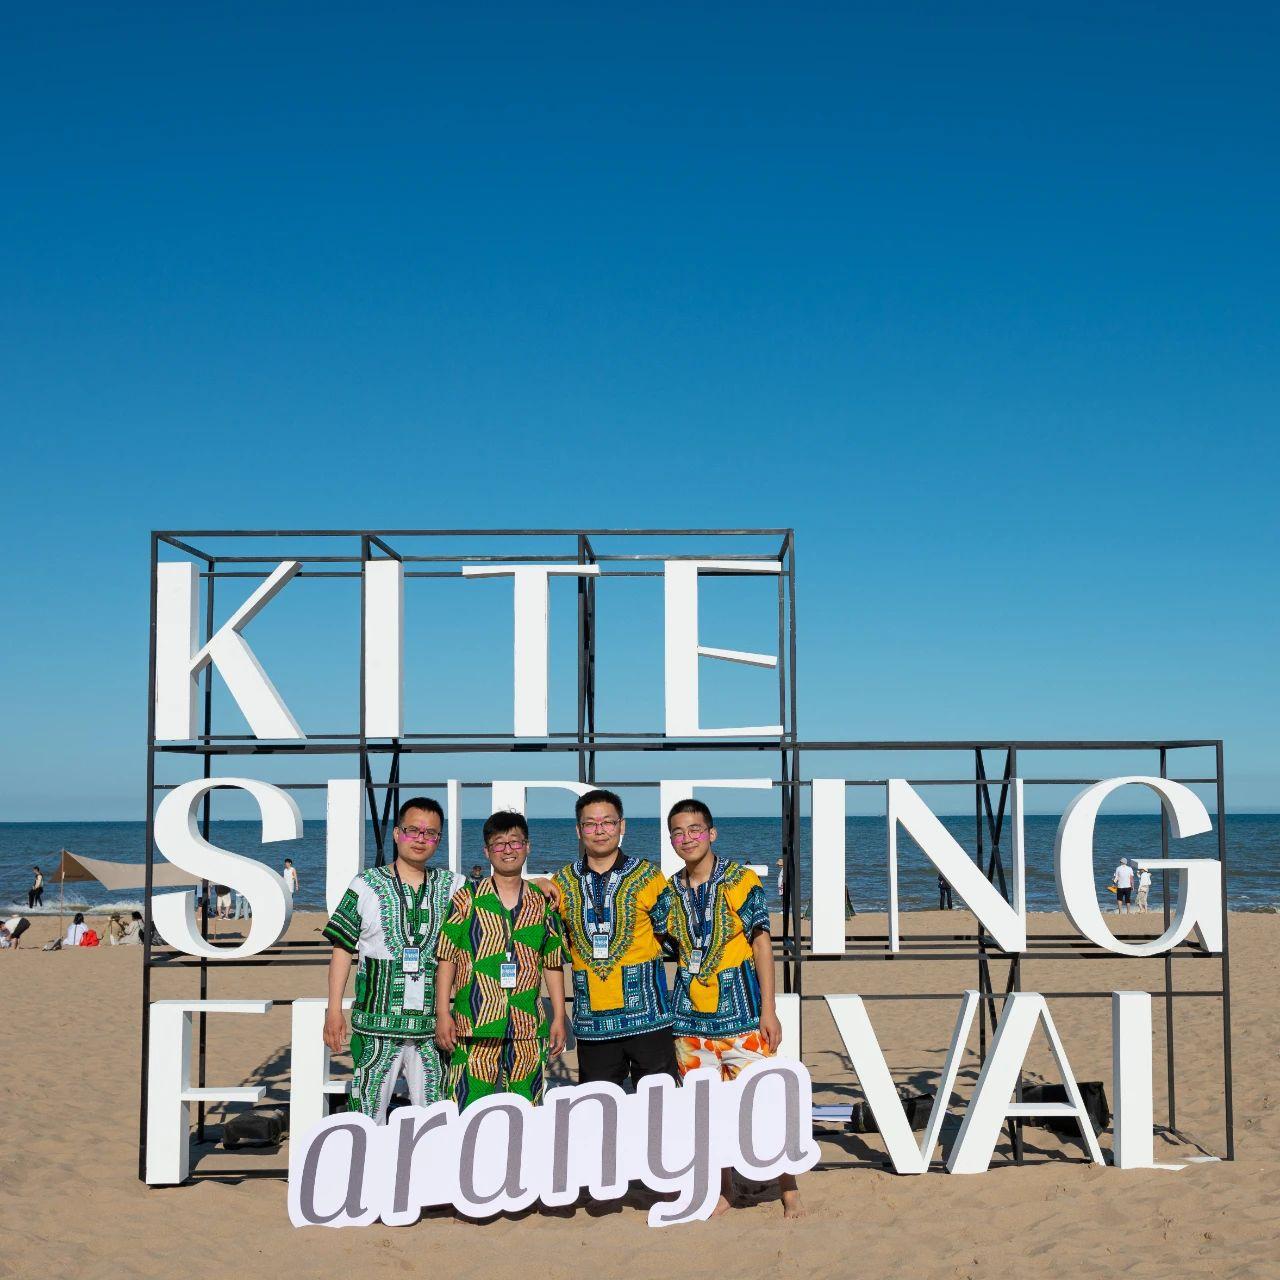 九拍沙滩打击乐工坊现身阿那亚风冲艺术节